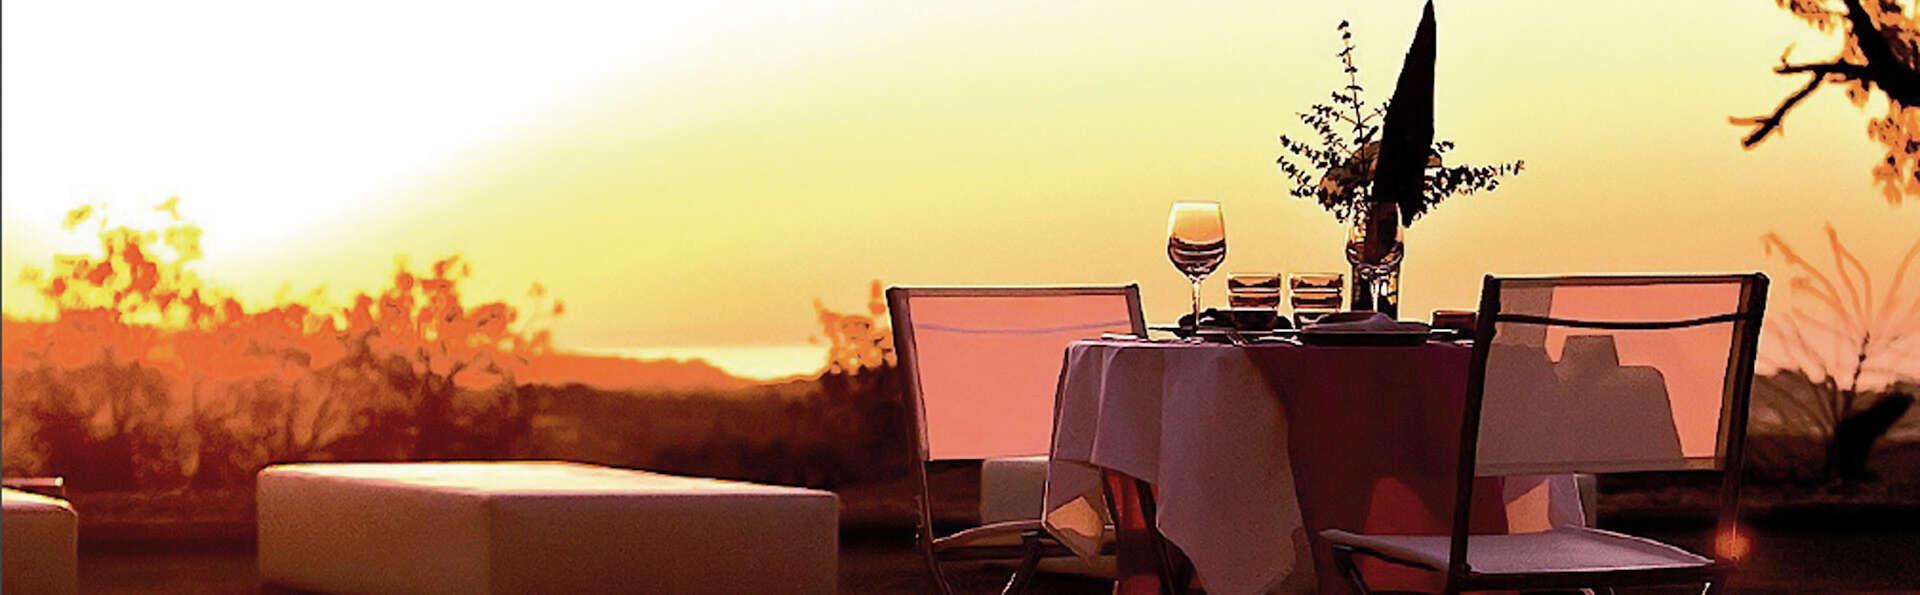 Escapade en couple avec dîner et détails romantiques dans un environnement privilégié